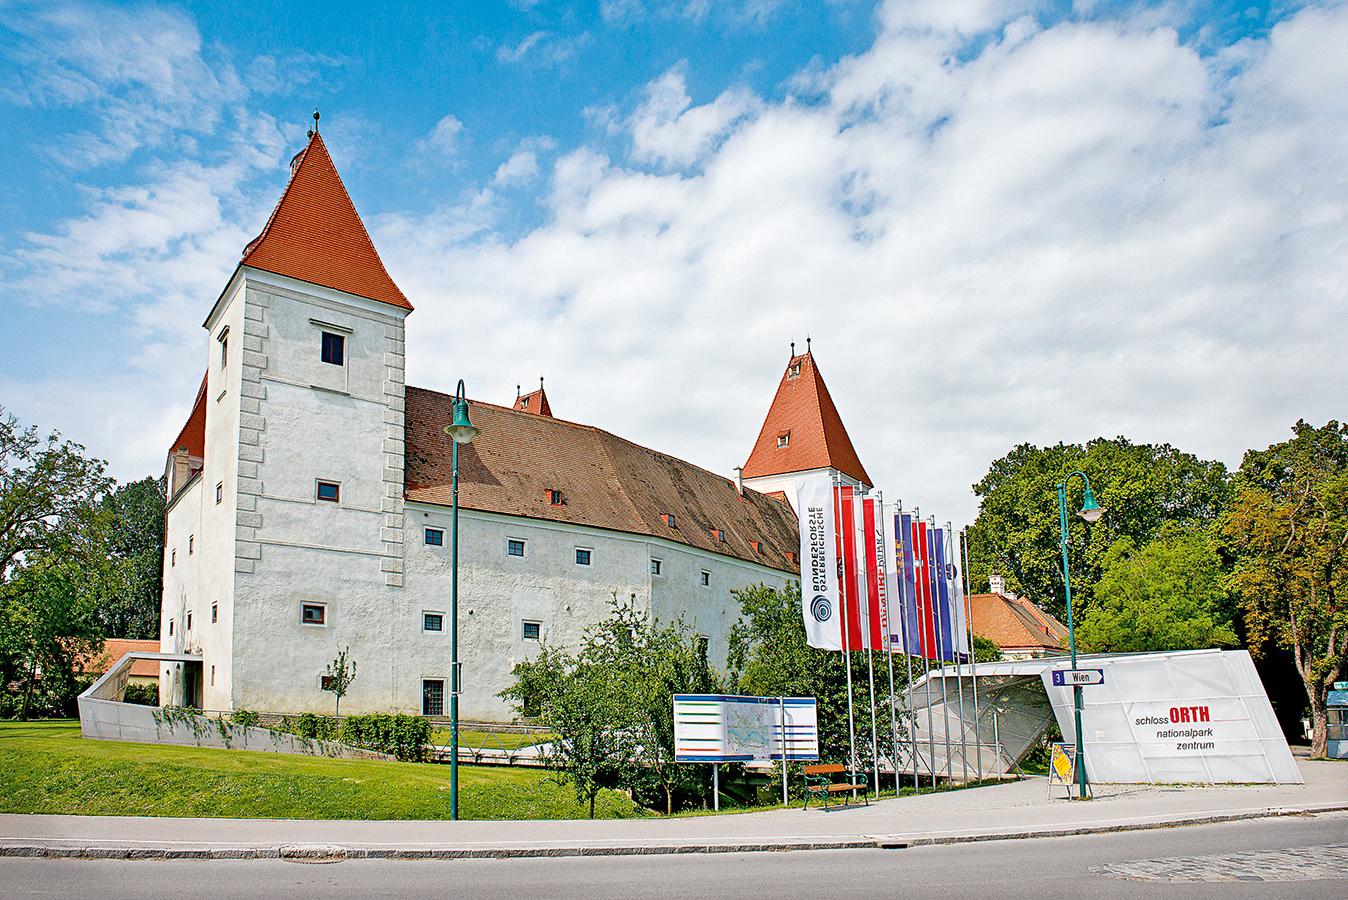 TIP NA VÝLET: Okolie zámku Orth v Rakúsku